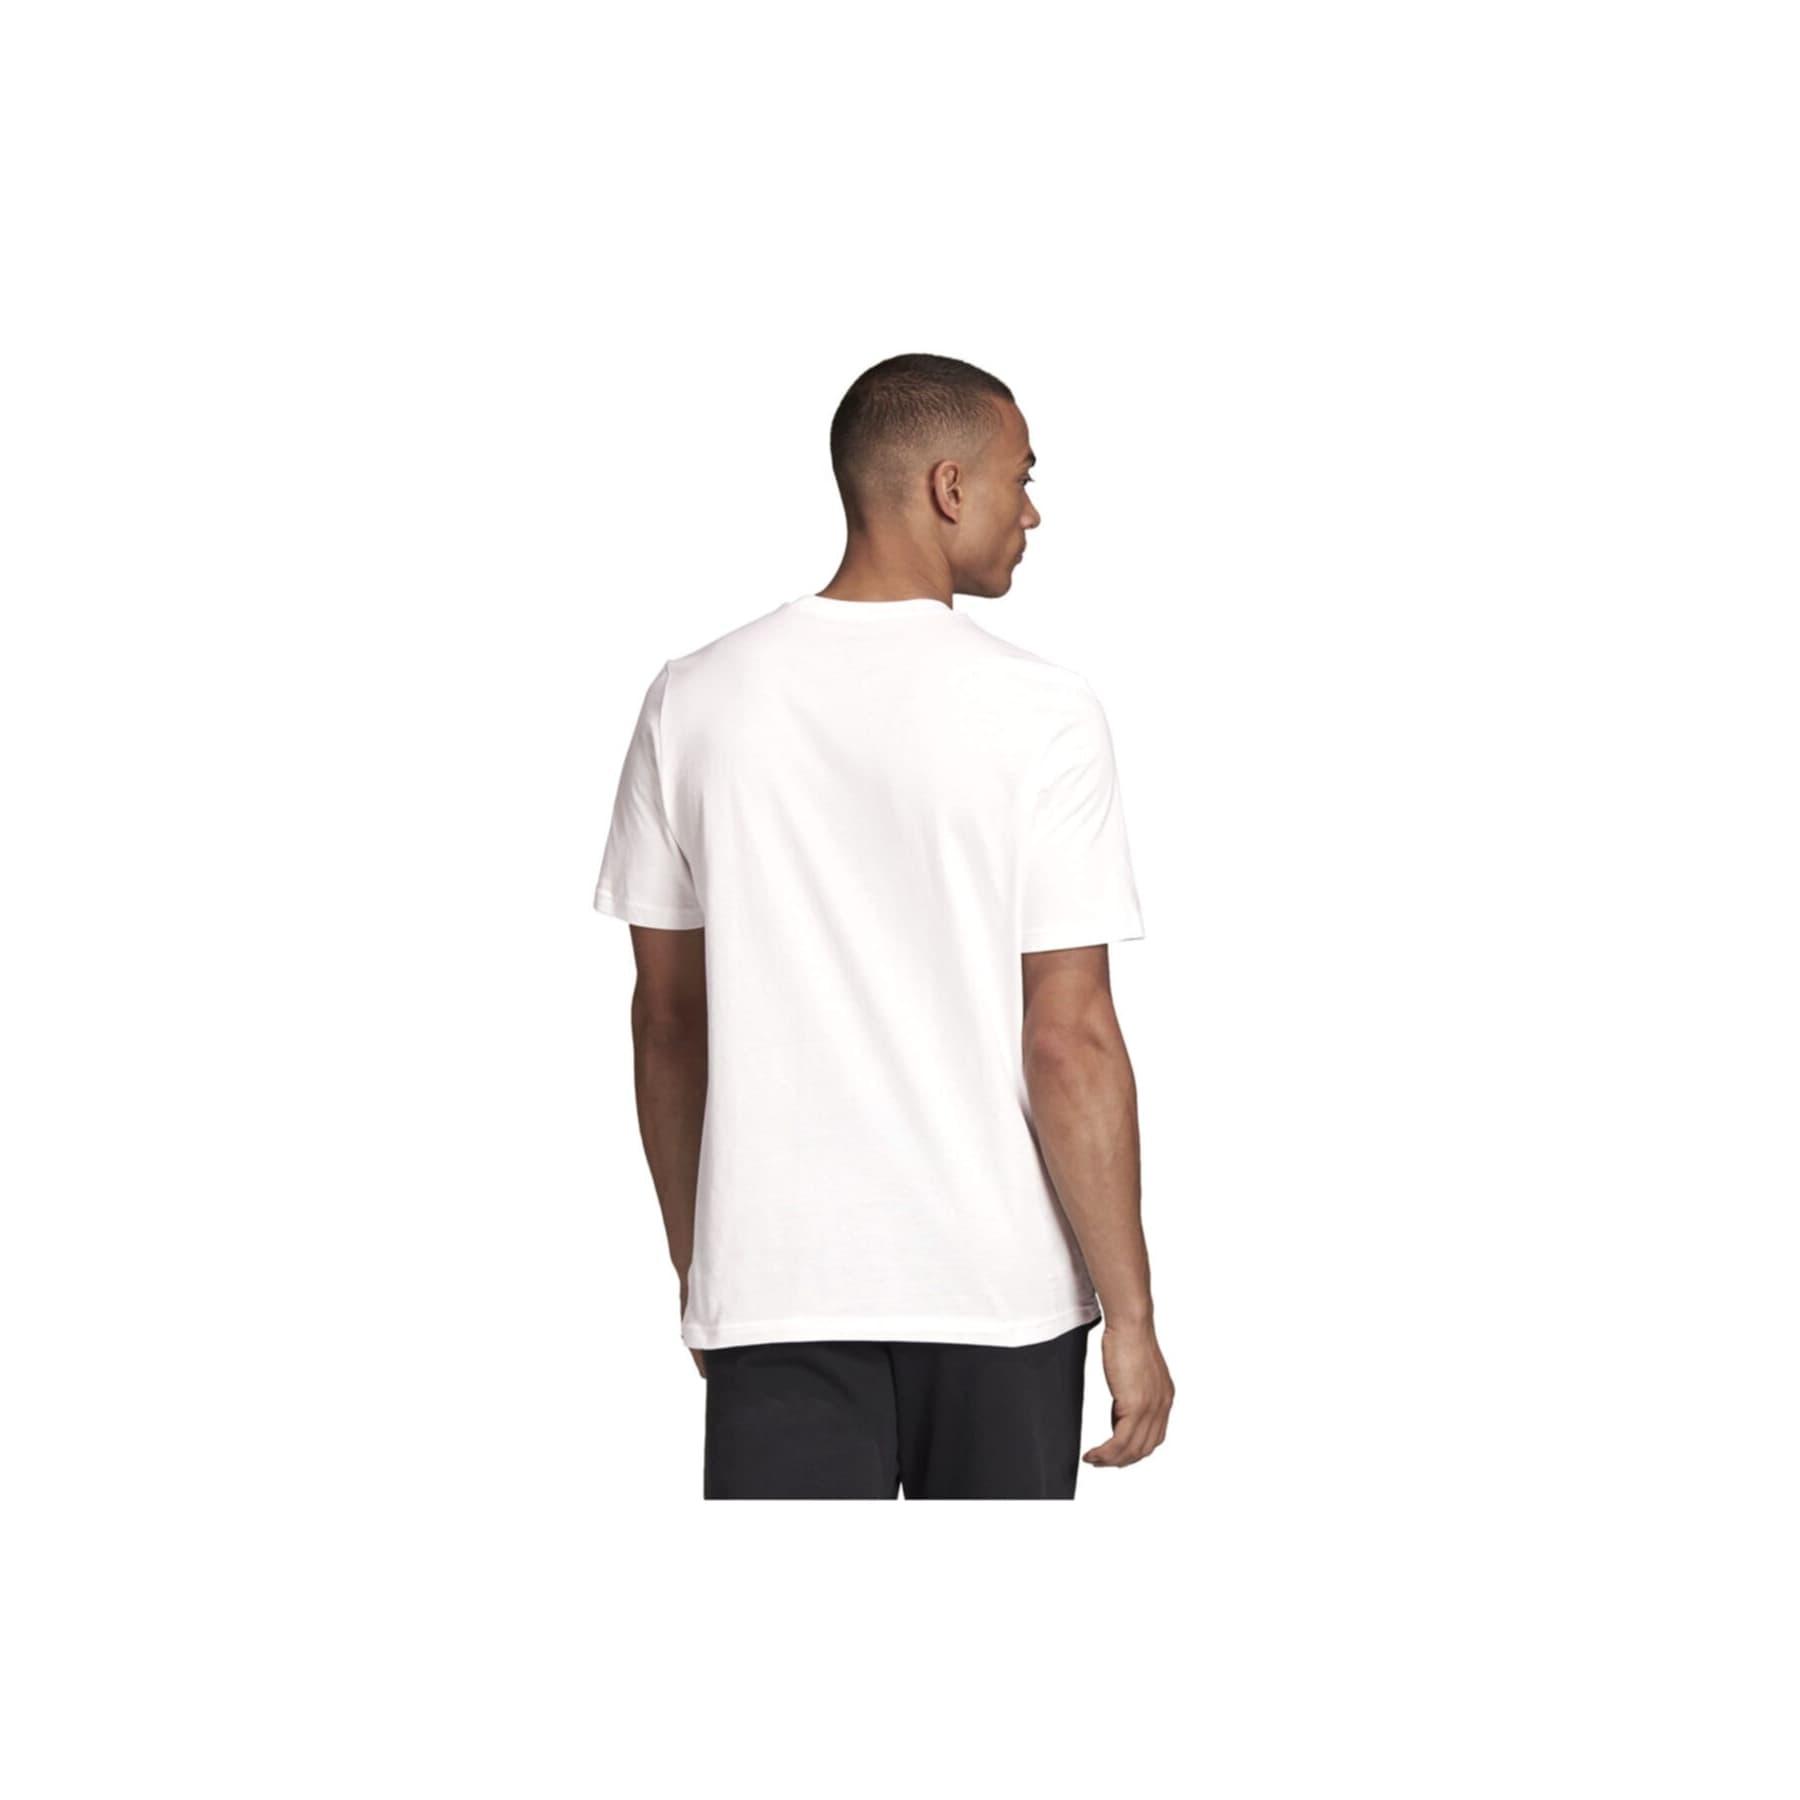 Athletics Graphic Erkek Beyaz Tişört (GE4657)